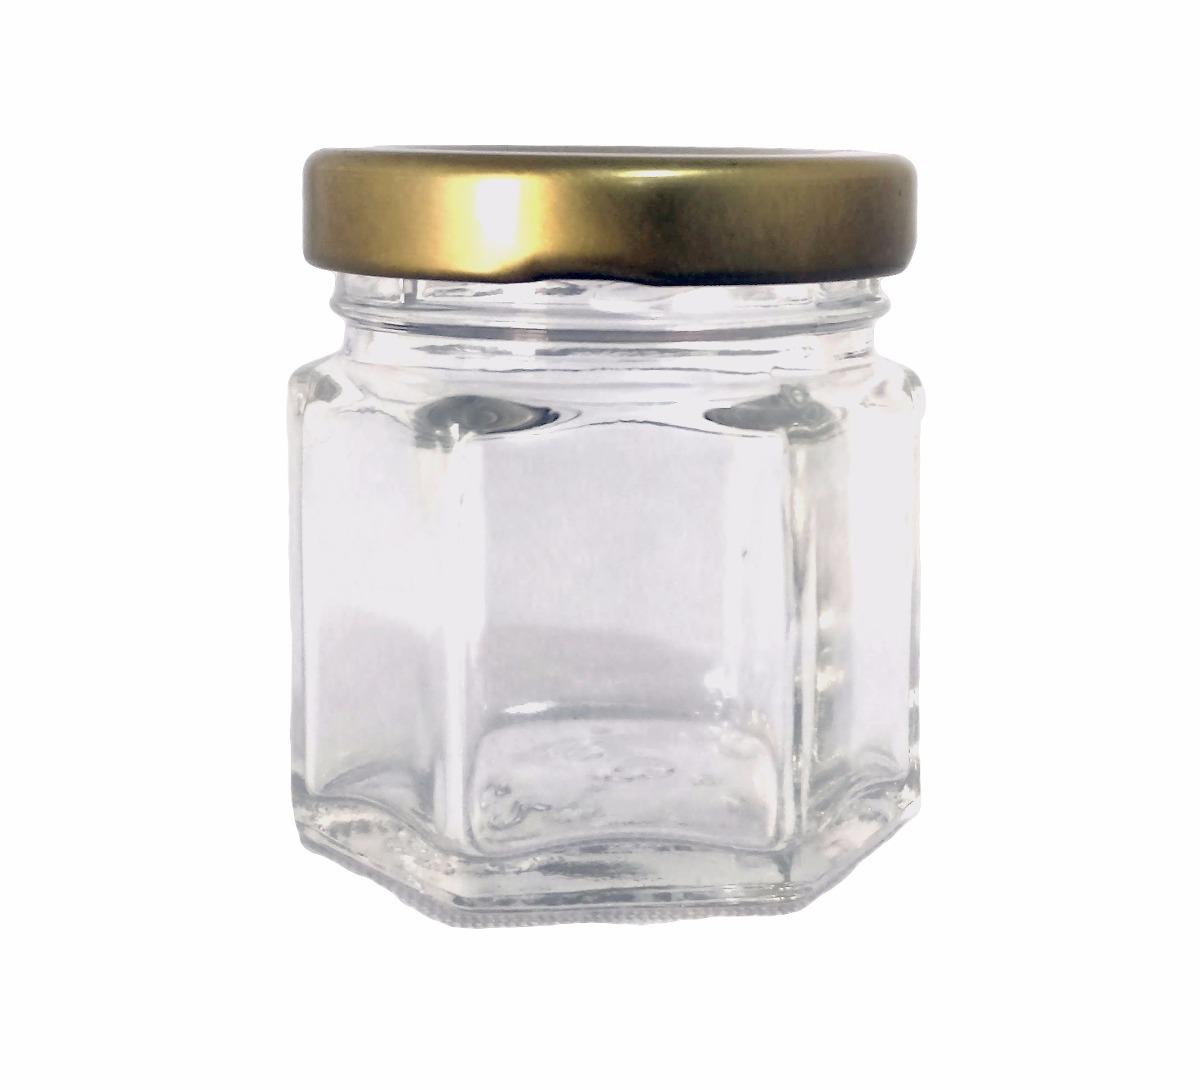 Frasco Vidrio Mini Hexagonal 45 Ml 100 Pz Recuerdo Boda Xv   99876 en Mercado Libre